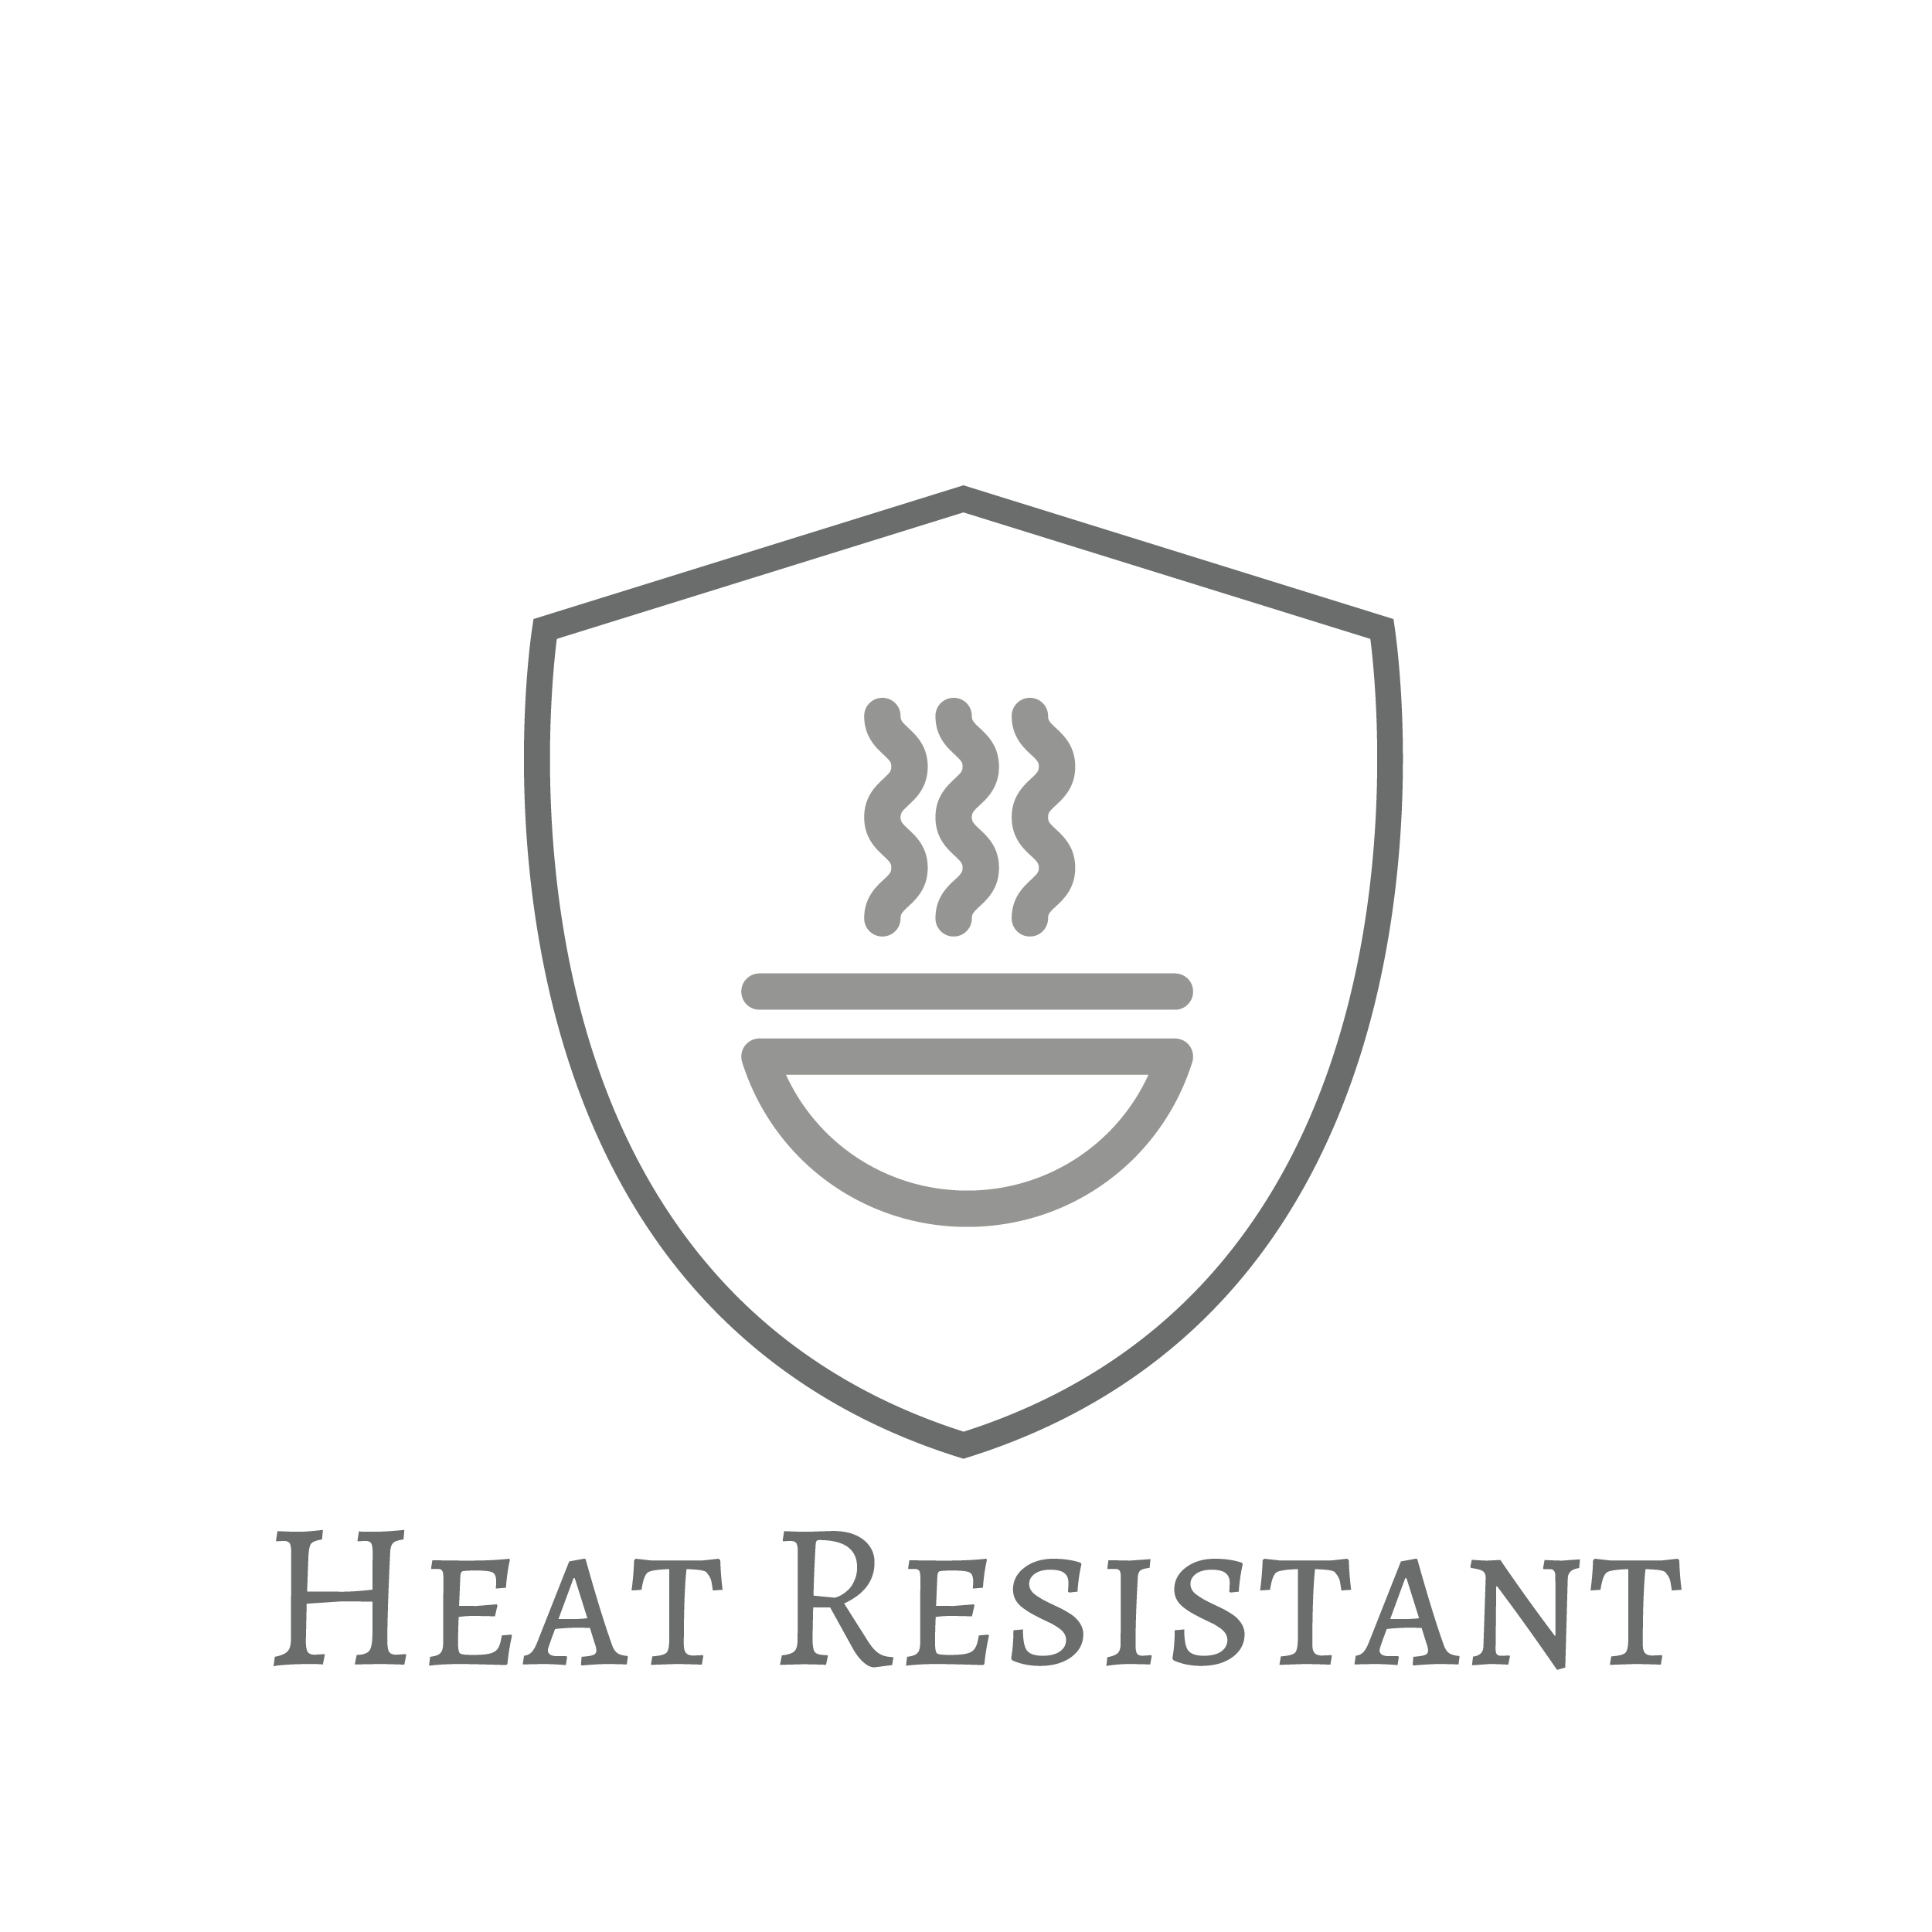 Heat Resistant Icon.jpg